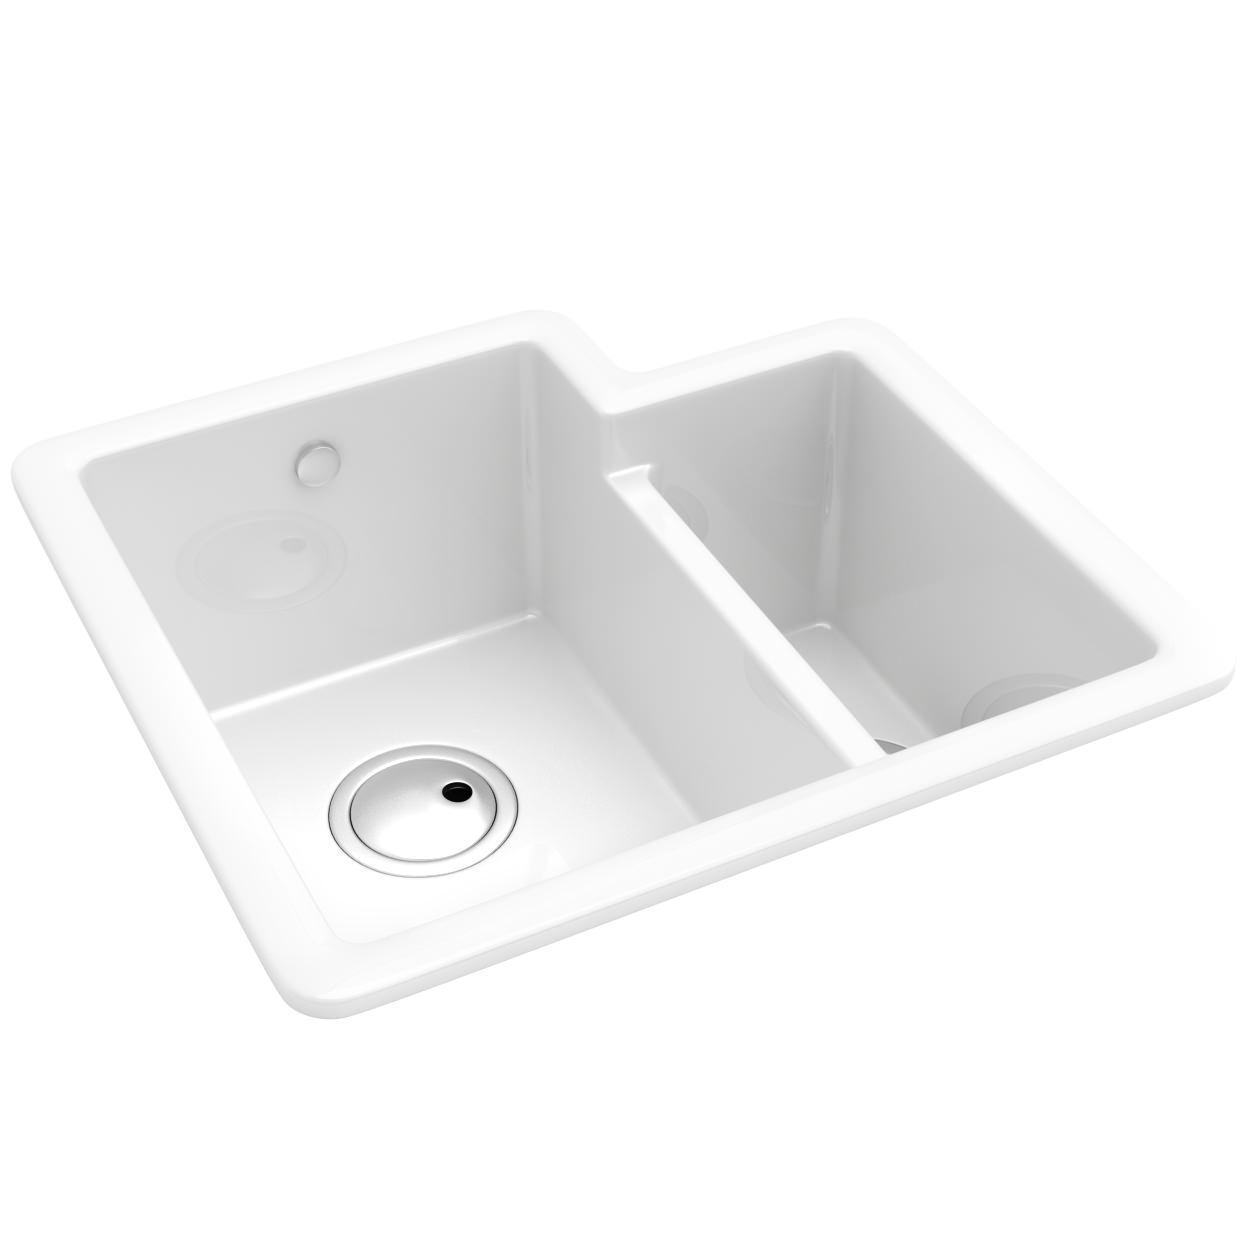 Bowl Inset Kitchen Sink